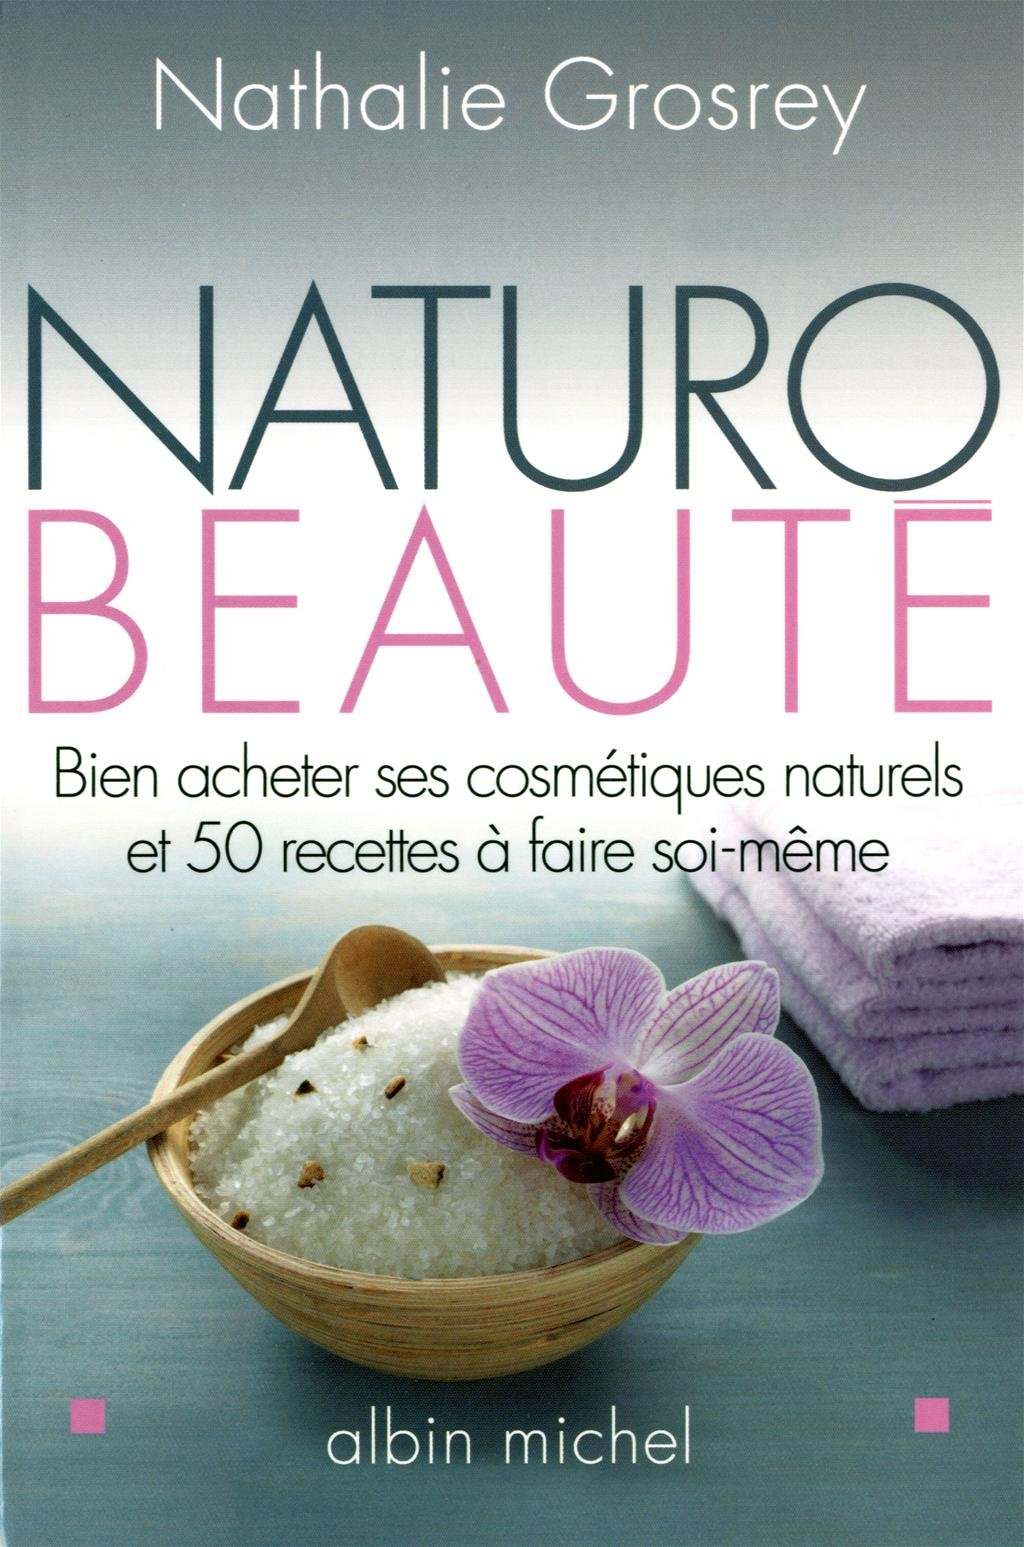 Fabriquer ses produits naturels chez soi 71c18PxBu9L